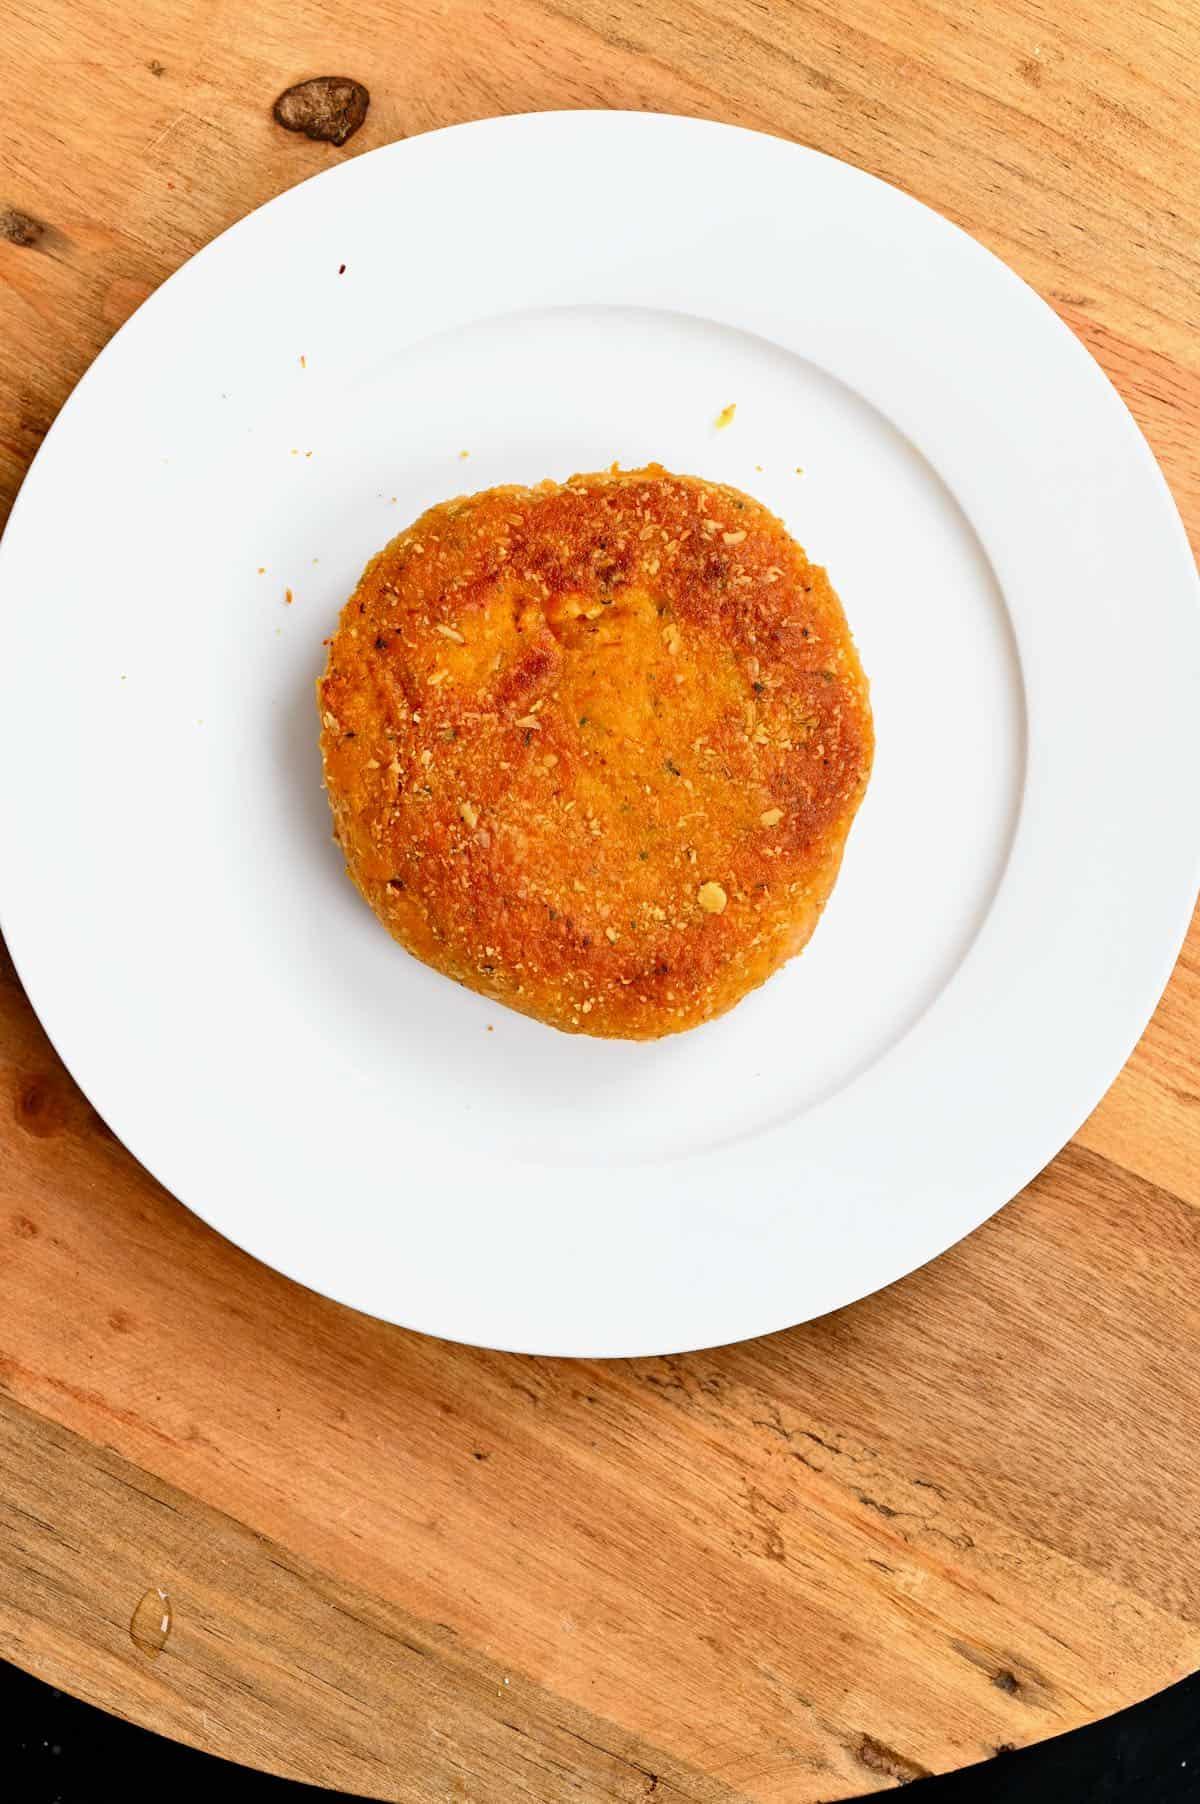 A pumpkin burger patty in a white plate